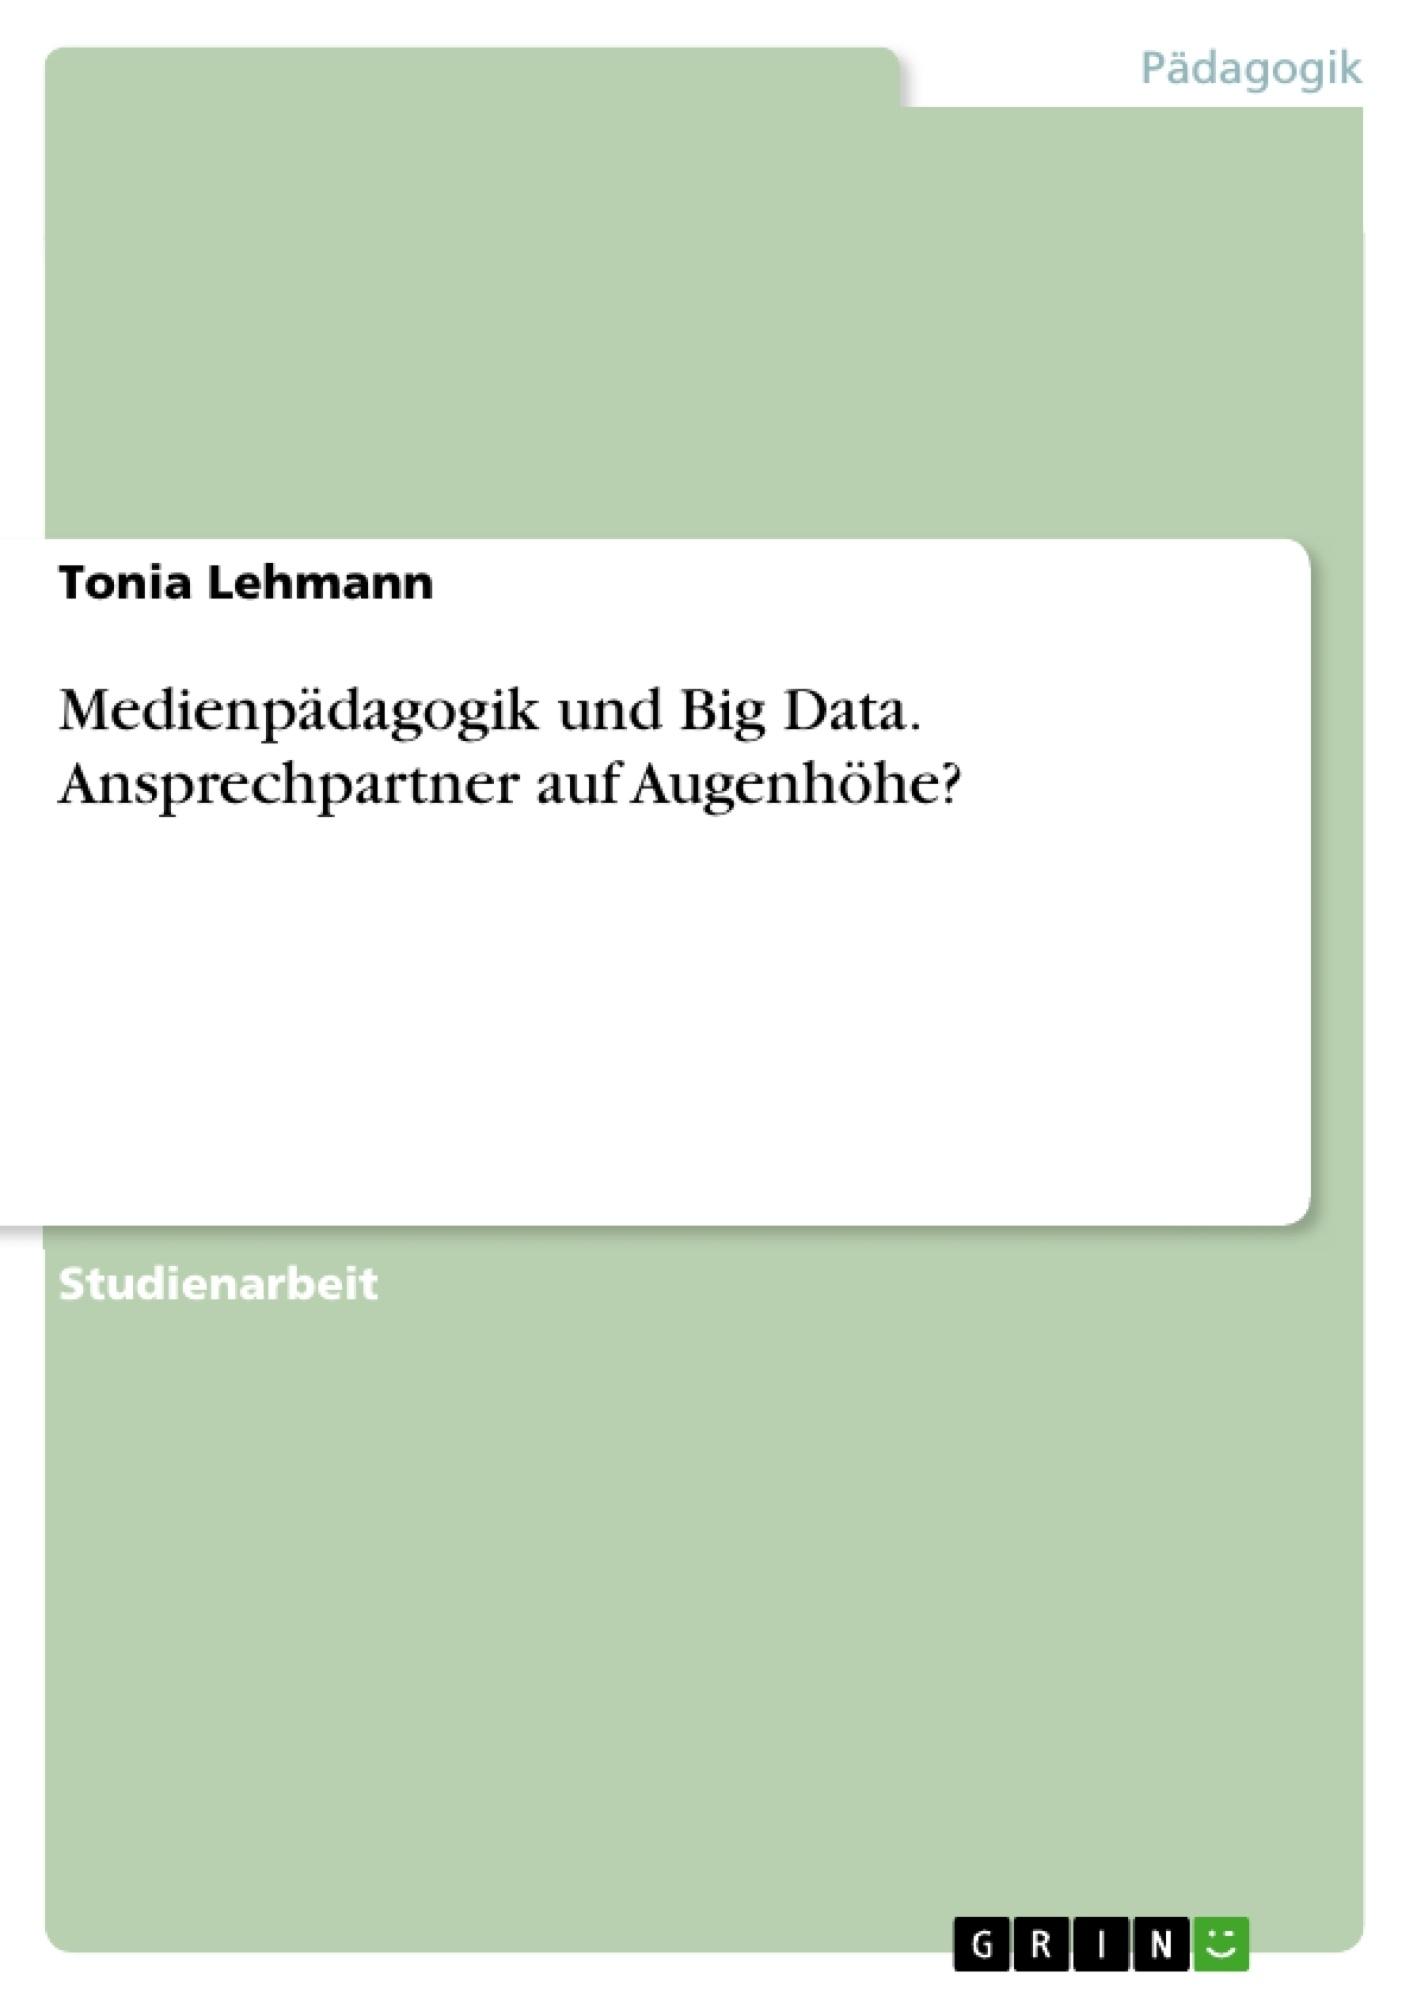 Titel: Medienpädagogik und Big Data. Ansprechpartner auf Augenhöhe?